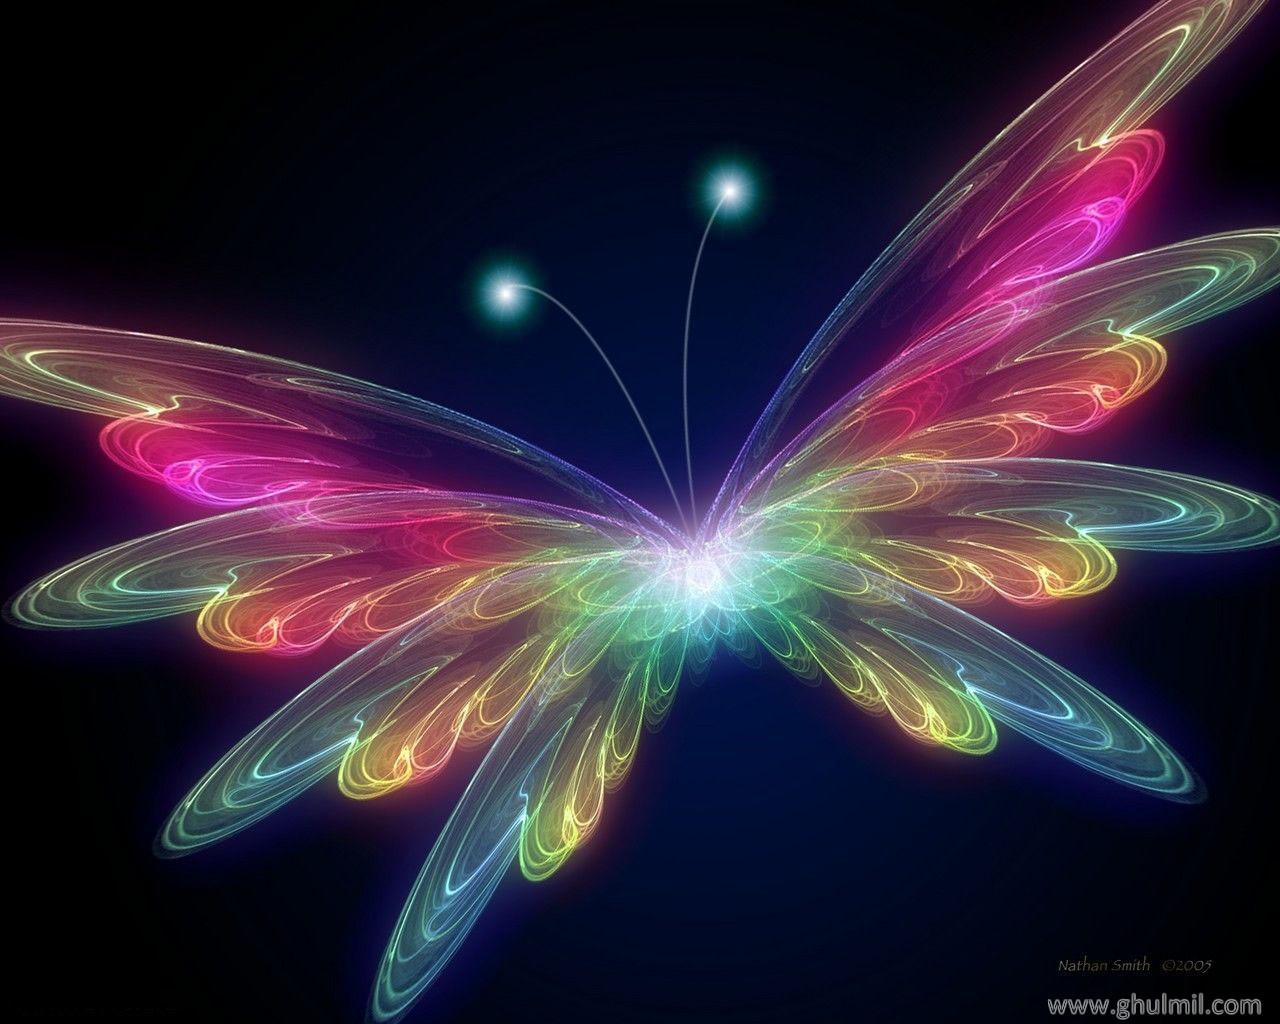 https://i2.wp.com/images5.fanpop.com/image/photos/31000000/3D-Butterfly-wallpaper-butterflies-31063788-1280-1024.jpg